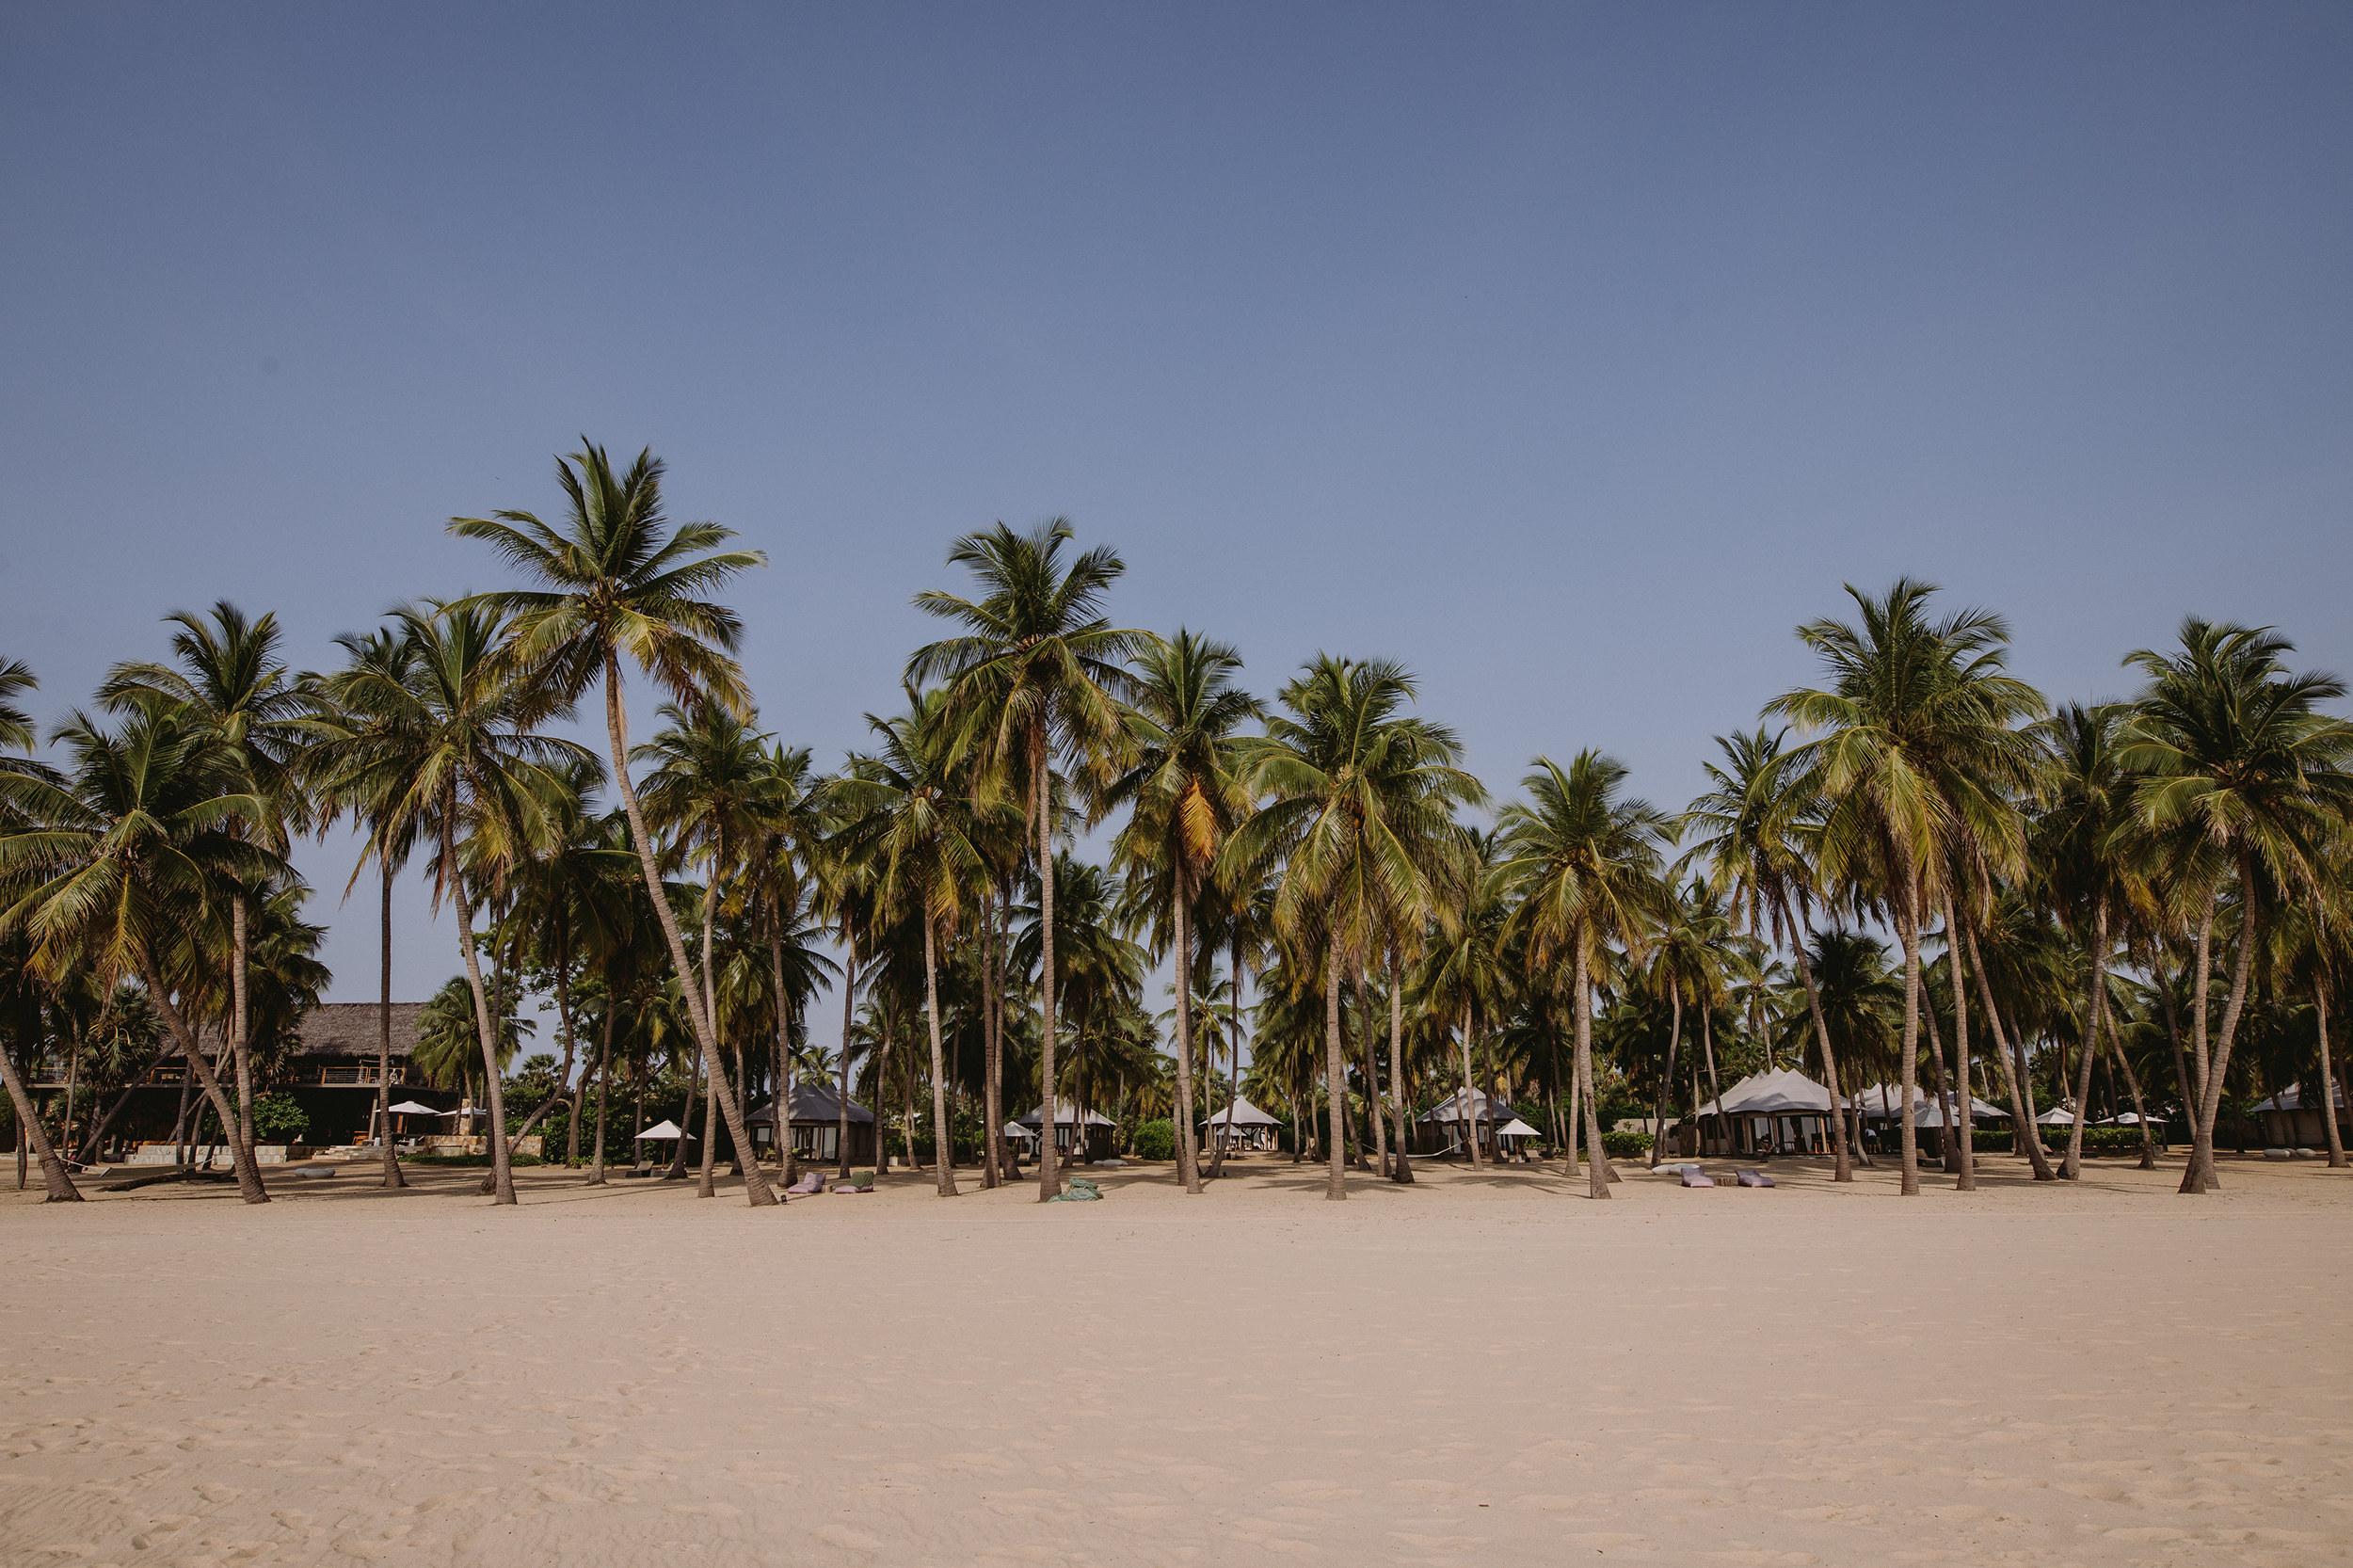 KS Palam beach view.jpg